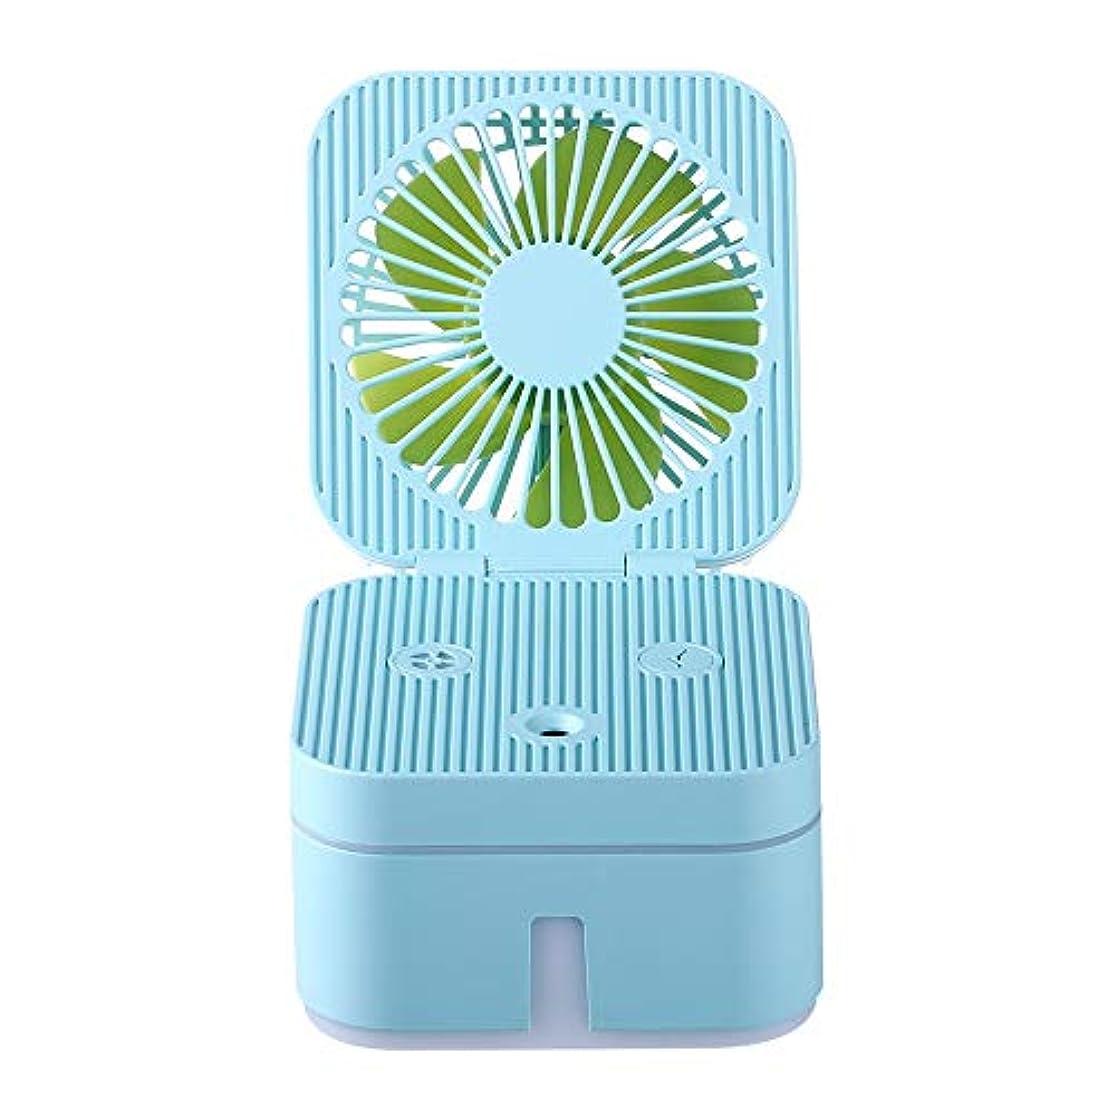 ZXF 容量保湿美容機器ABS素材USB充電加湿器ウォータースプレーメーターブルー 滑らかである